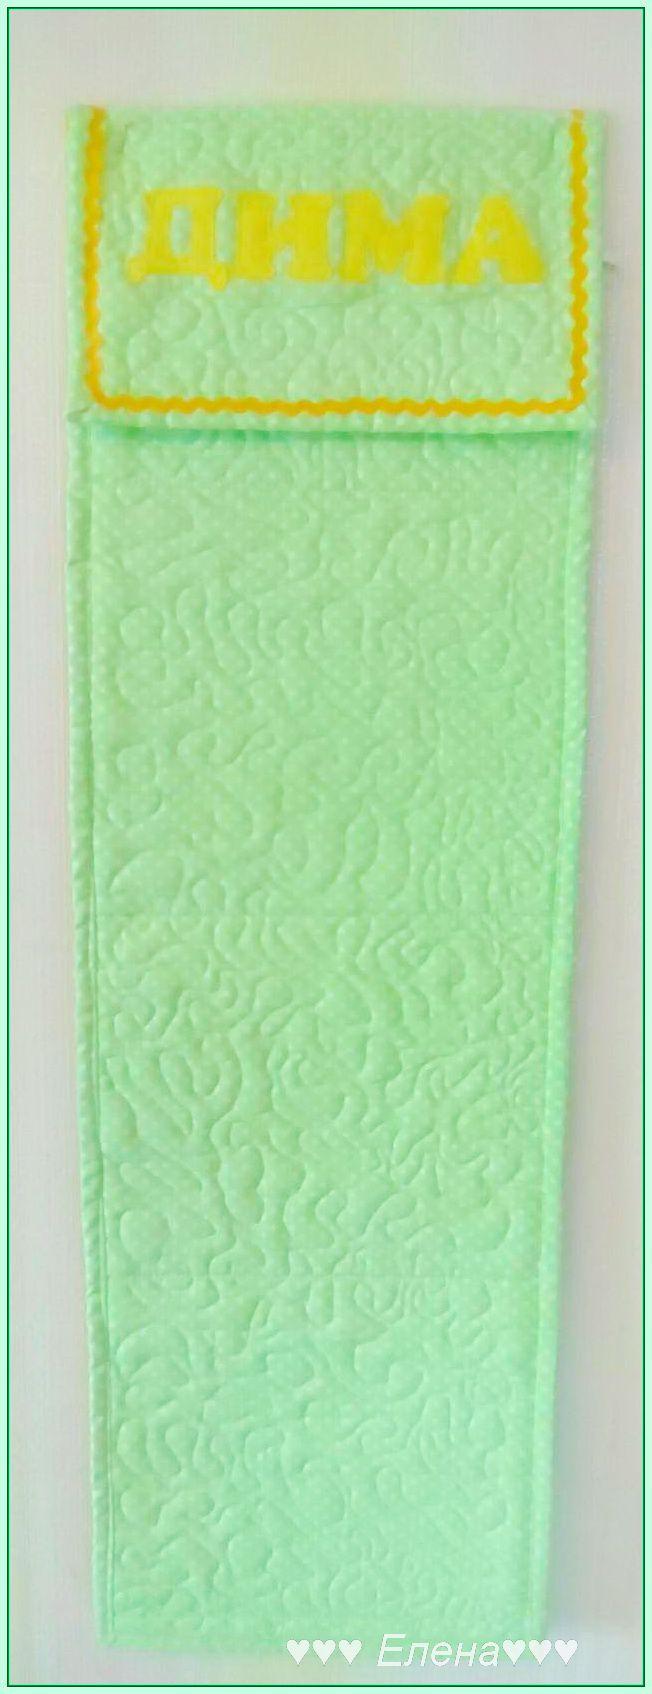 белье бемби тесьма кармашки садик кроватку кружево текстиль детям в органайзер лоскутное шитье постельное покрывало бортики подарок